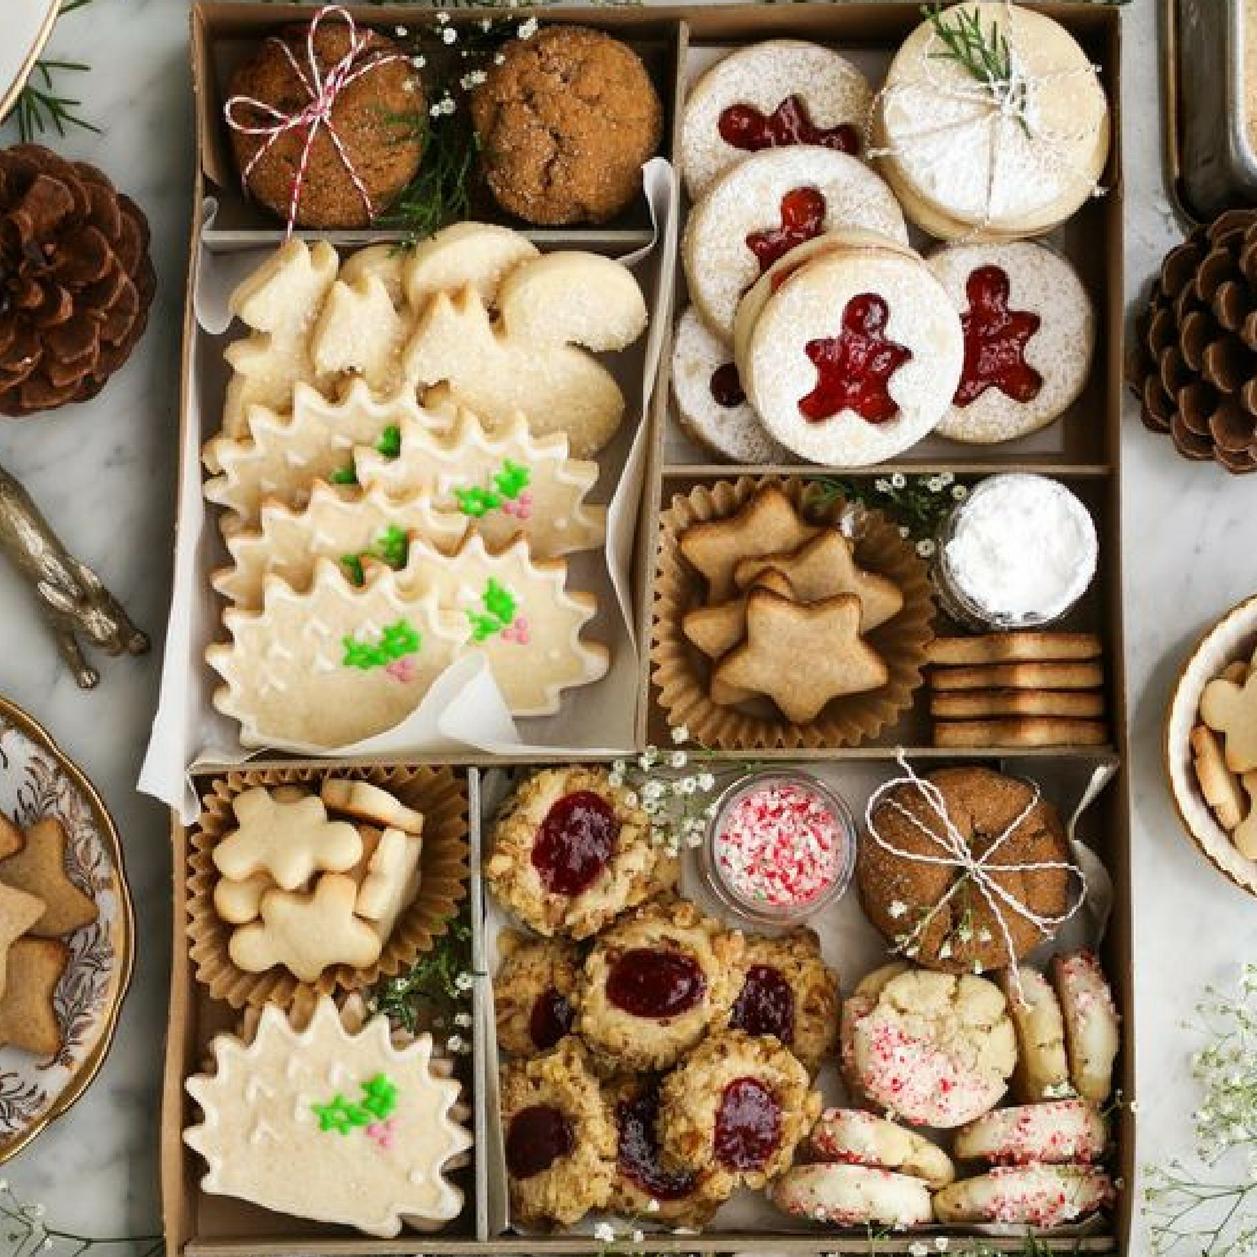 Idee Regalo Natale Fai Da Te Cucina.Regali Di Natale Per Lui Fai Da Te Idee Creative